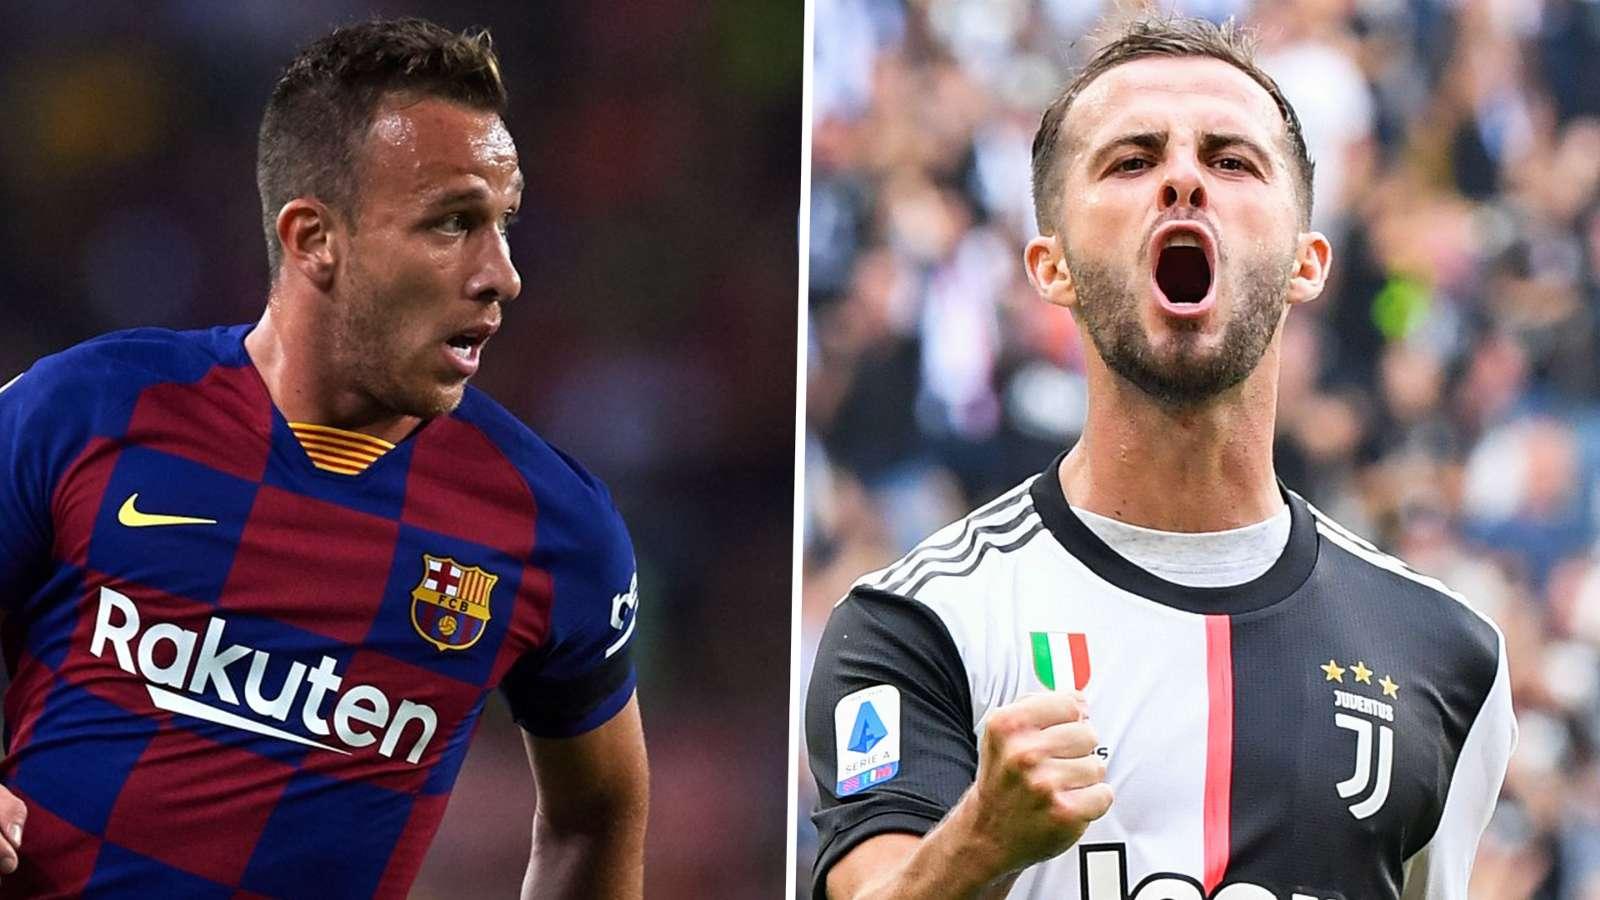 बार्सिलोना र युभेन्टसबीच खेलाडी 'साटफेर डिल'मा नयाँ मोड